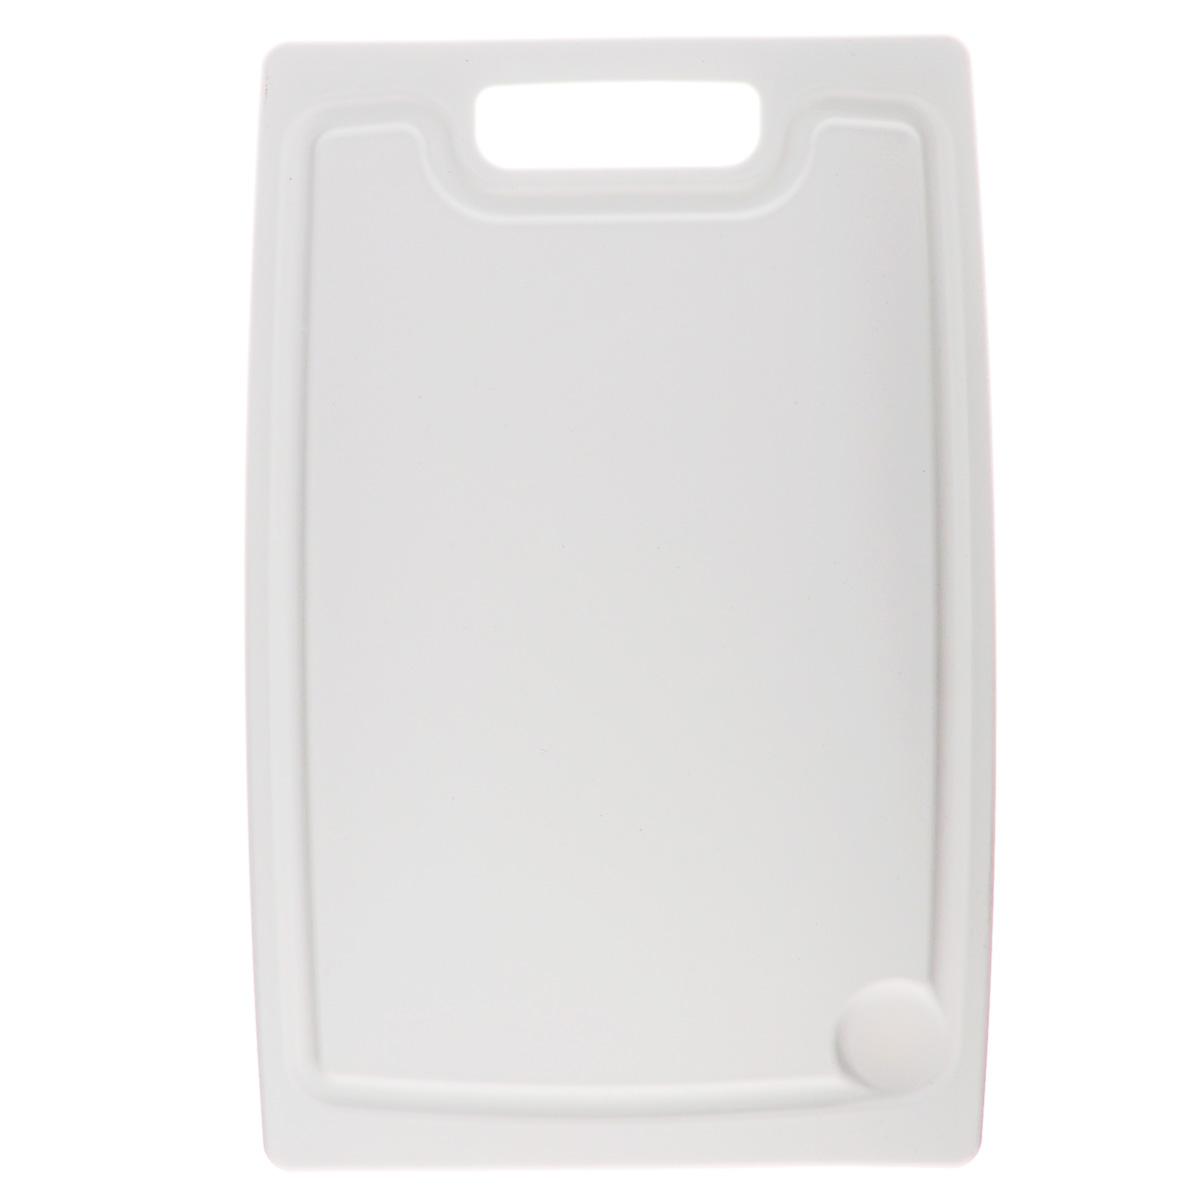 Доска разделочная Tescoma Presto, цвет: белый, 36 х 24 см378814